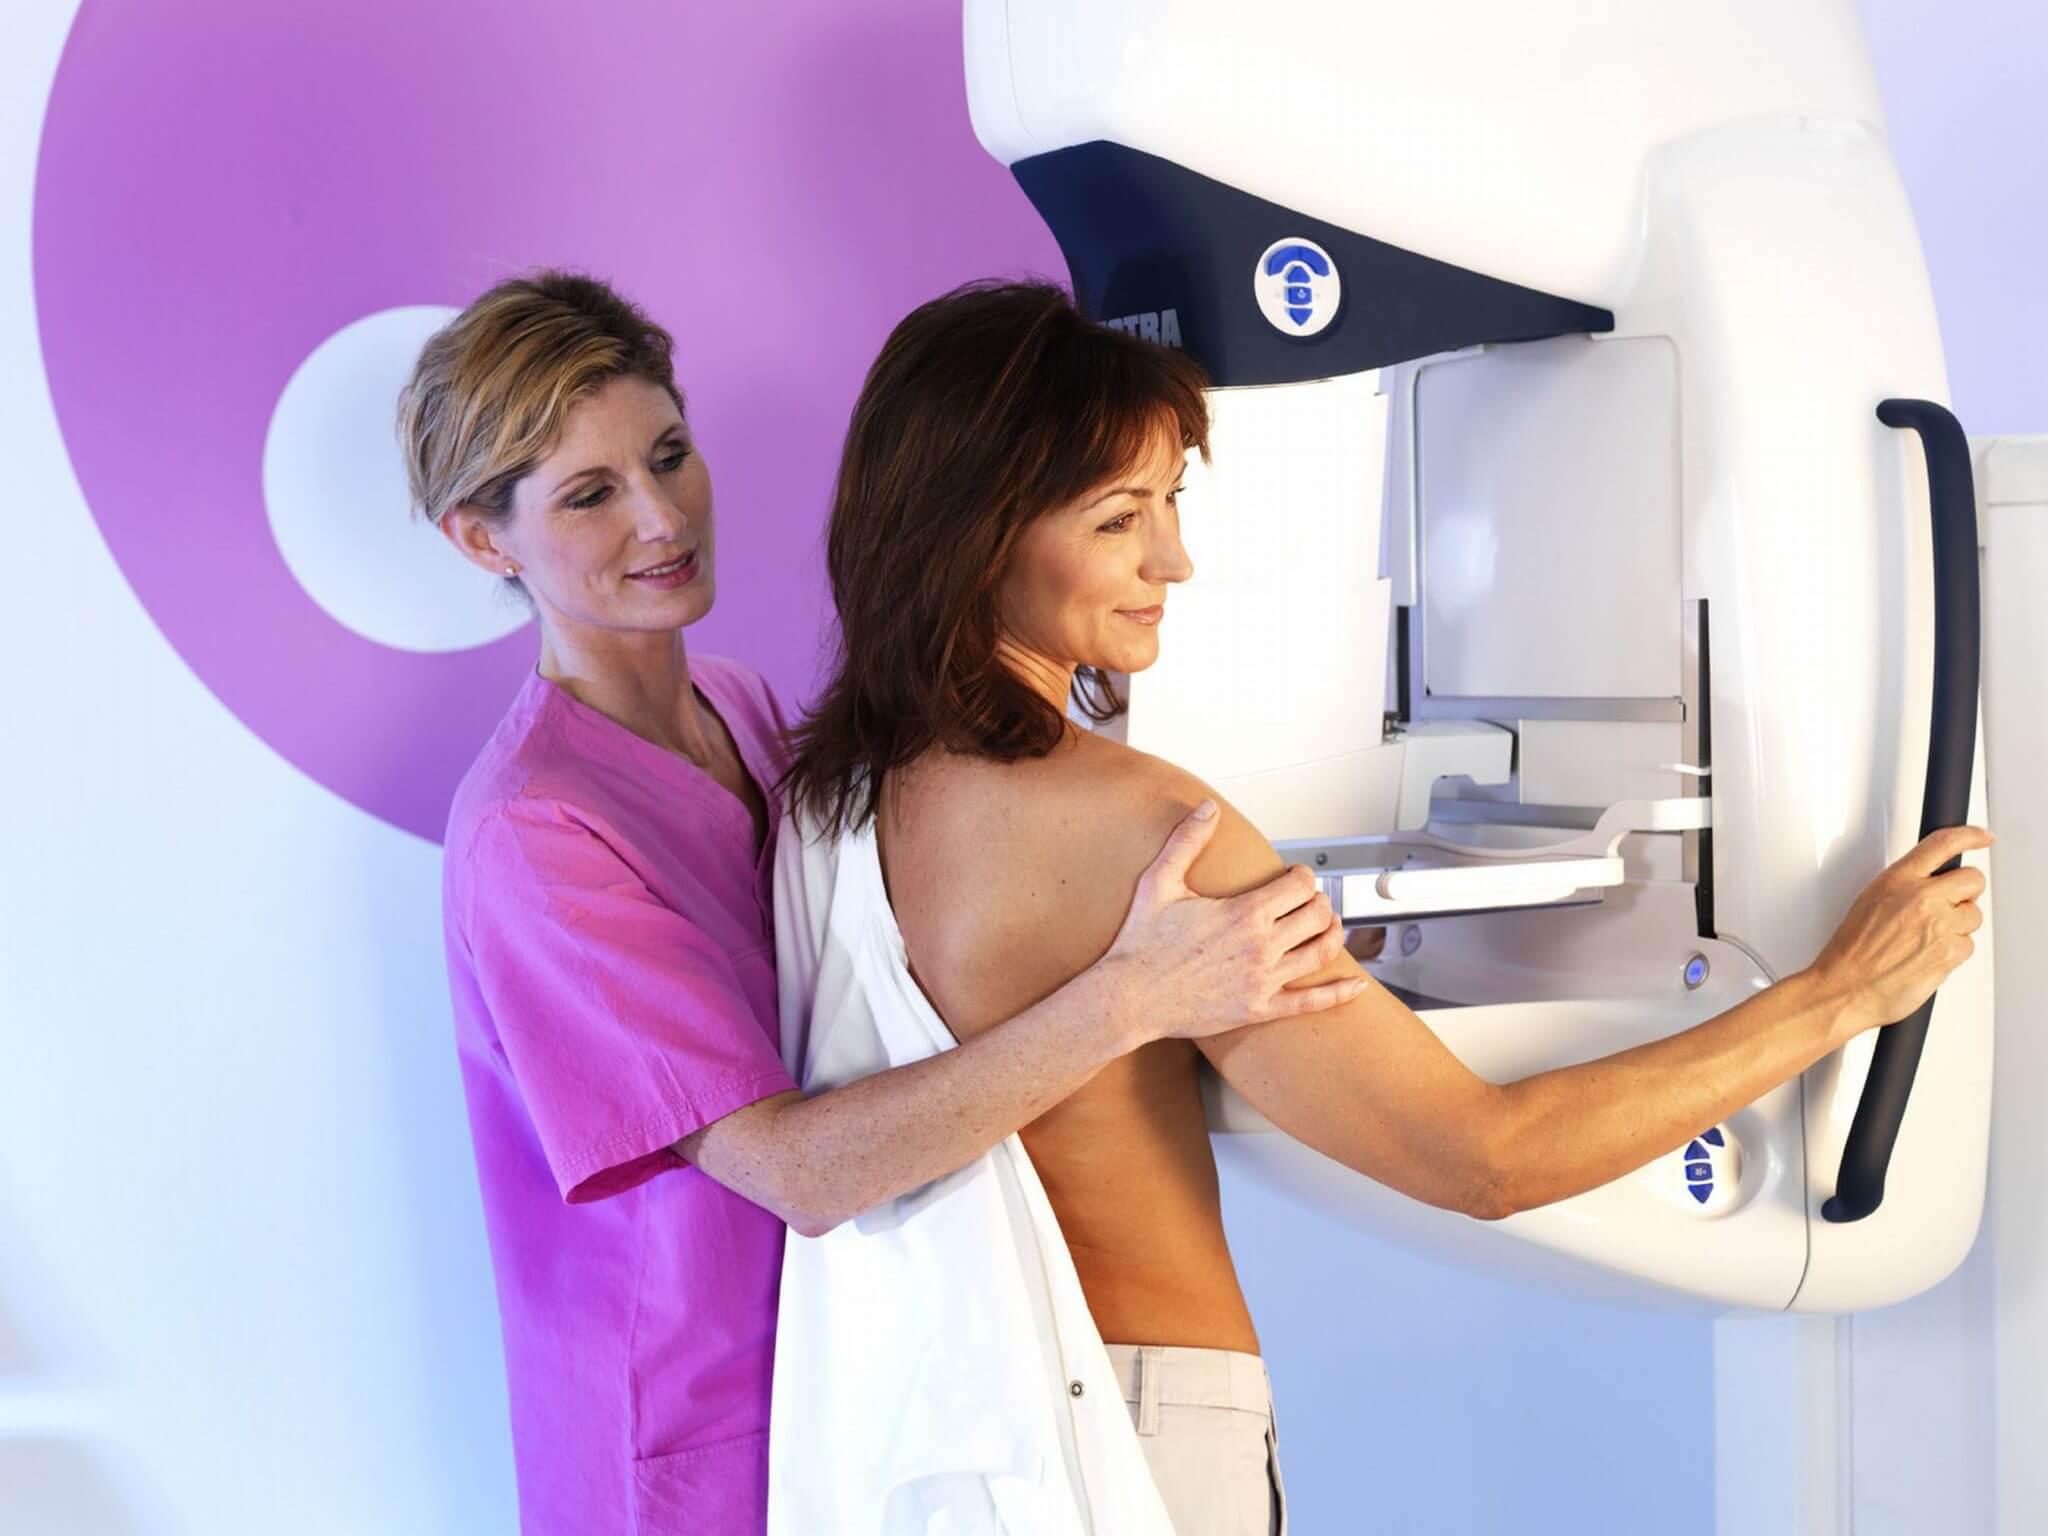 הנשים שכן עברו בדיקת ממוגרפיה לגילוי סרטן השד צרכו מידע בריאותי | אילוסטרציה